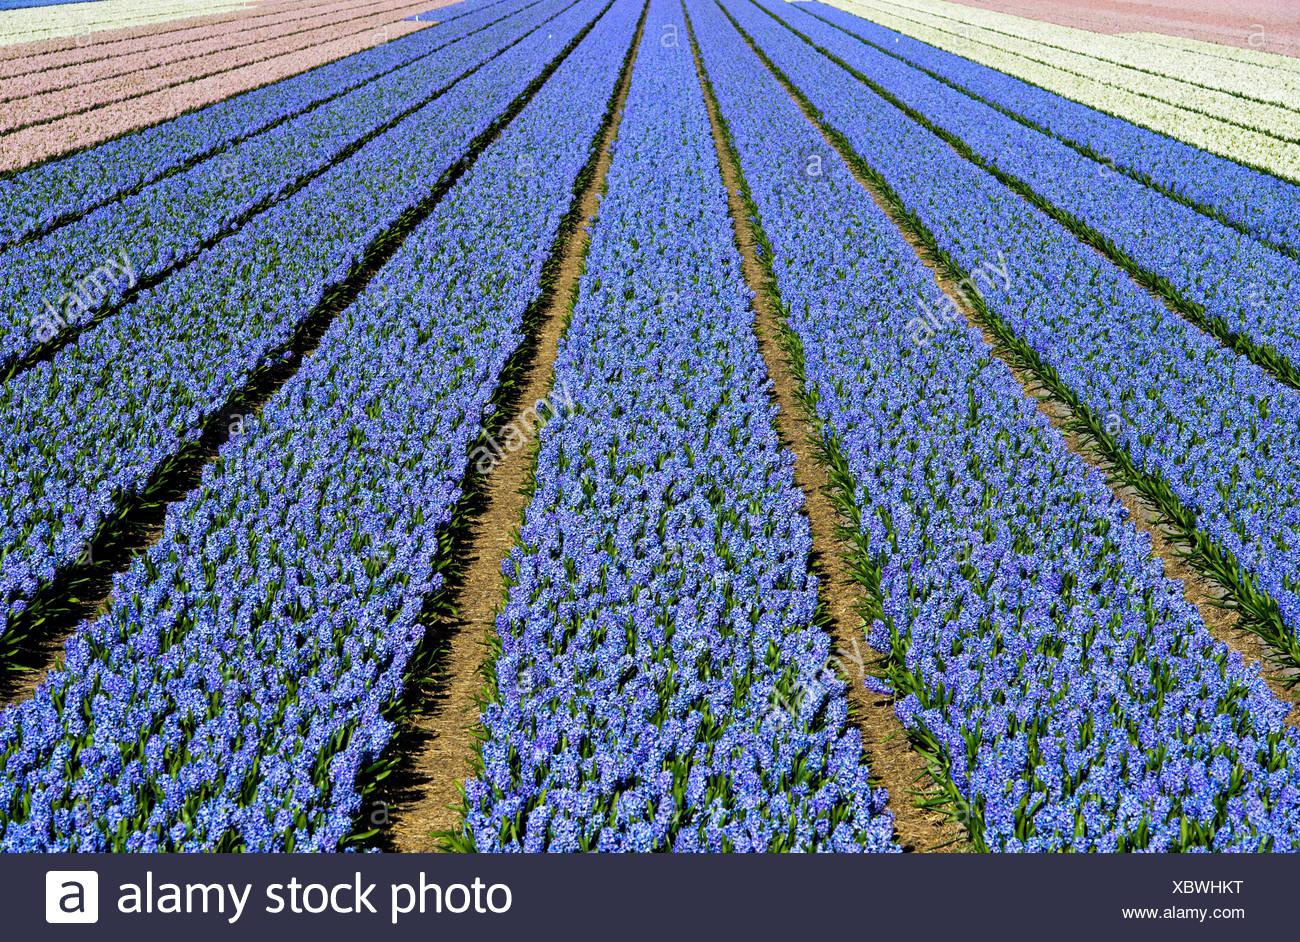 Cultivation of blue Grape hyacinth (Muscari), Production of flower bulbs, flower bulb region Bollenstreek, Noordwijkerhout Stock Photo